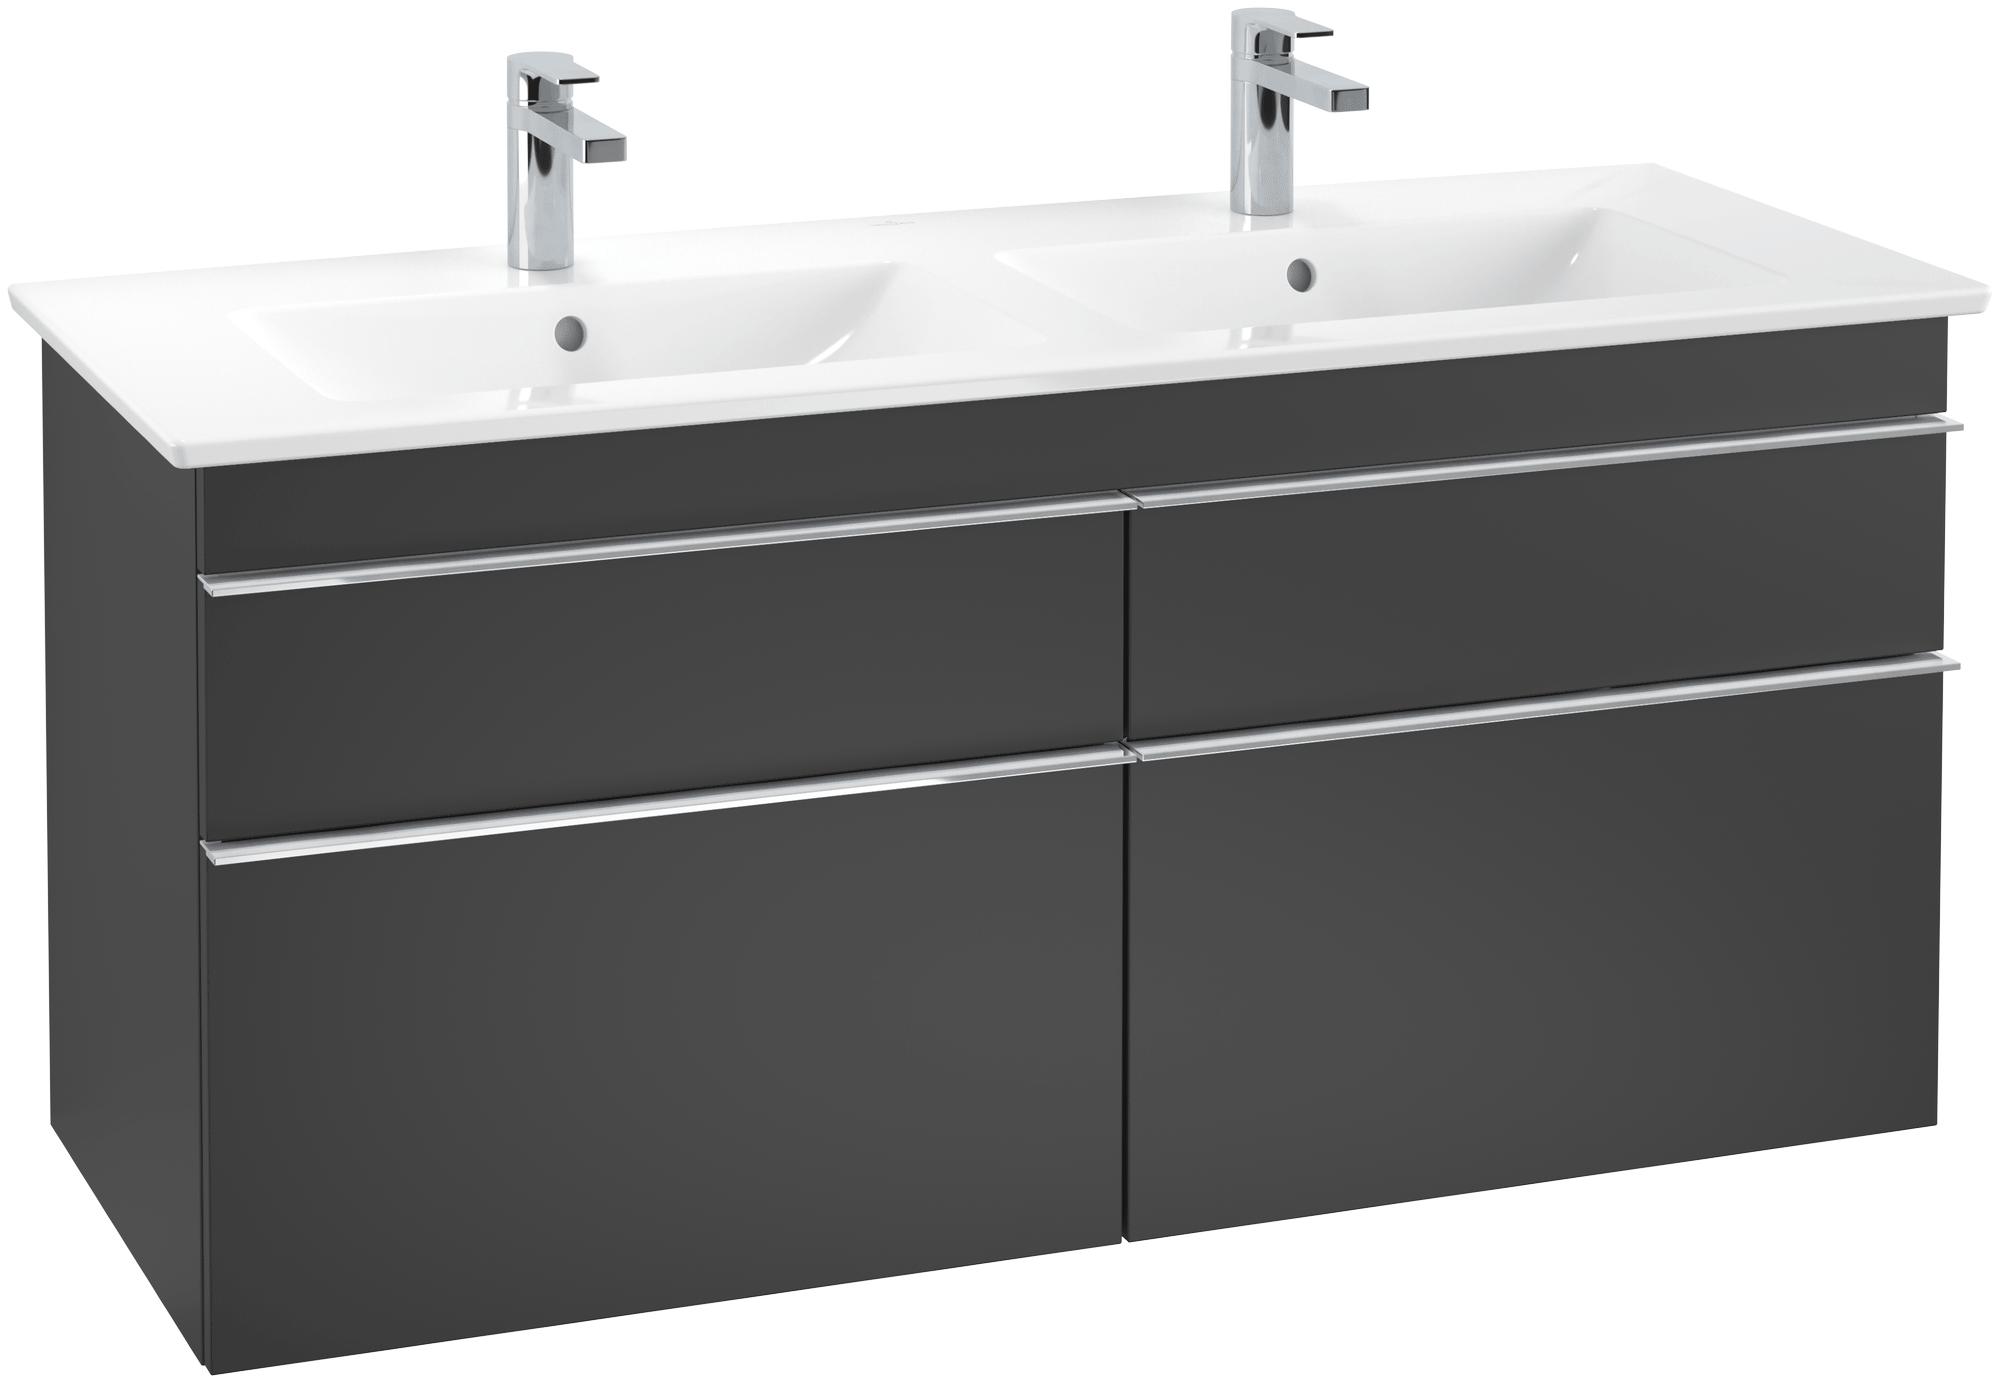 Villeroy boch venticello meuble sous lavabo 1253 avec 4 tiroirs noir mat xtwostore for Meuble sous lavabo noir